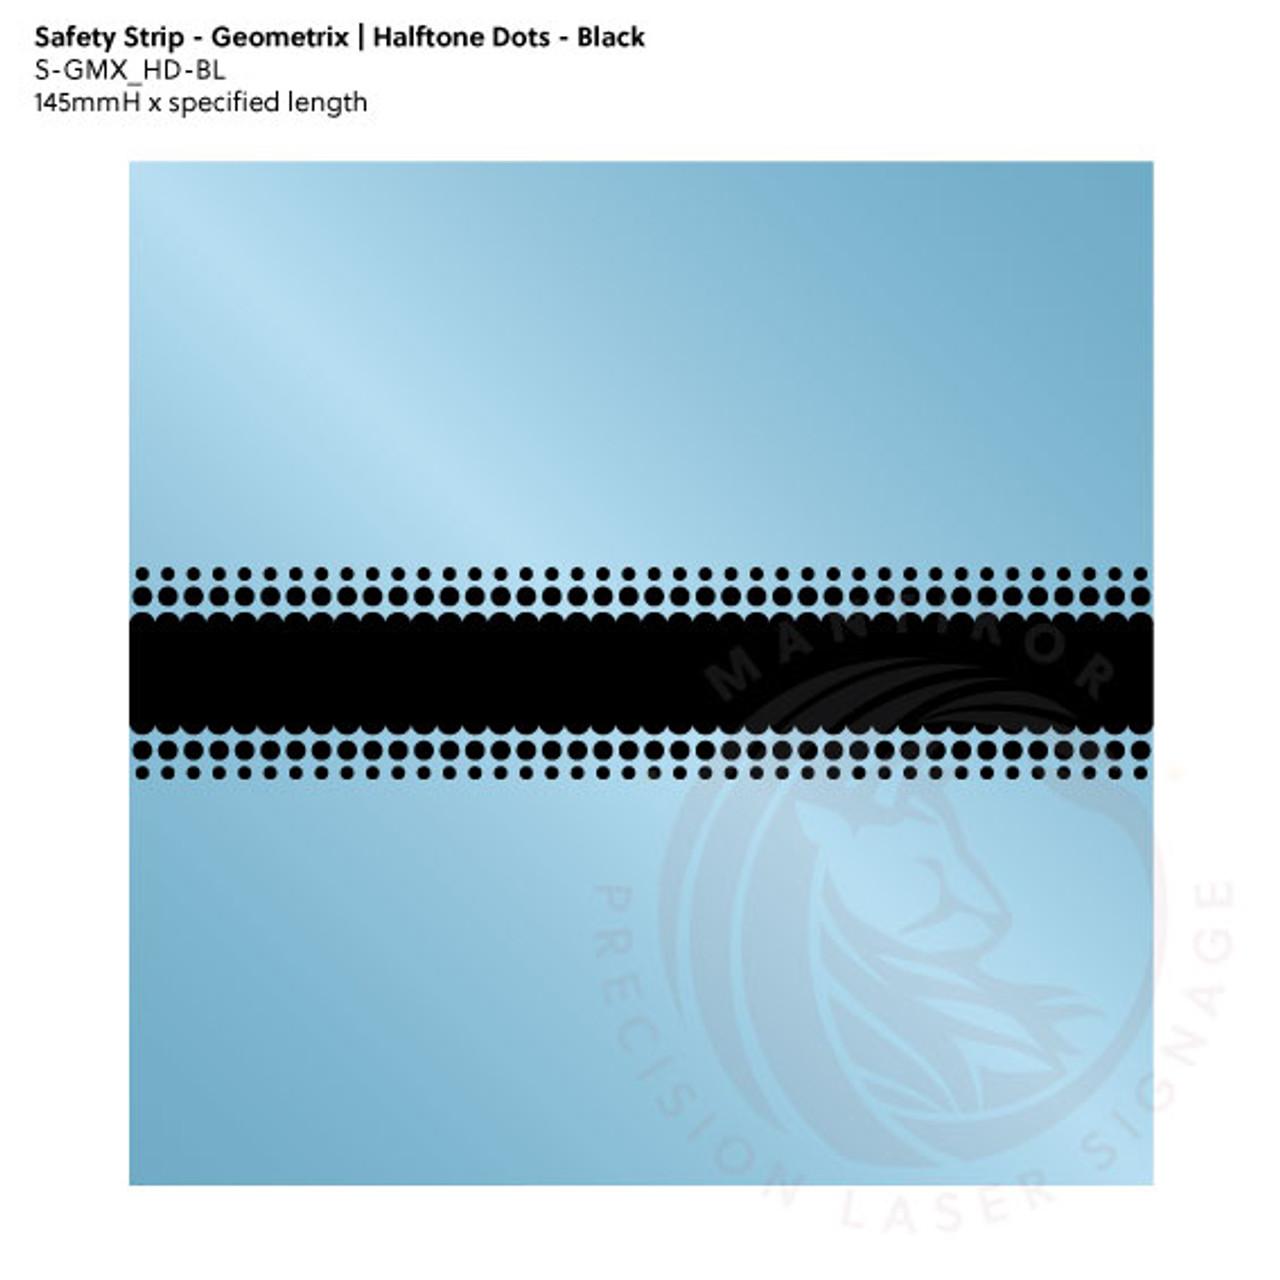 Visibility Strip - Geometrix   Halftone Dots - Black